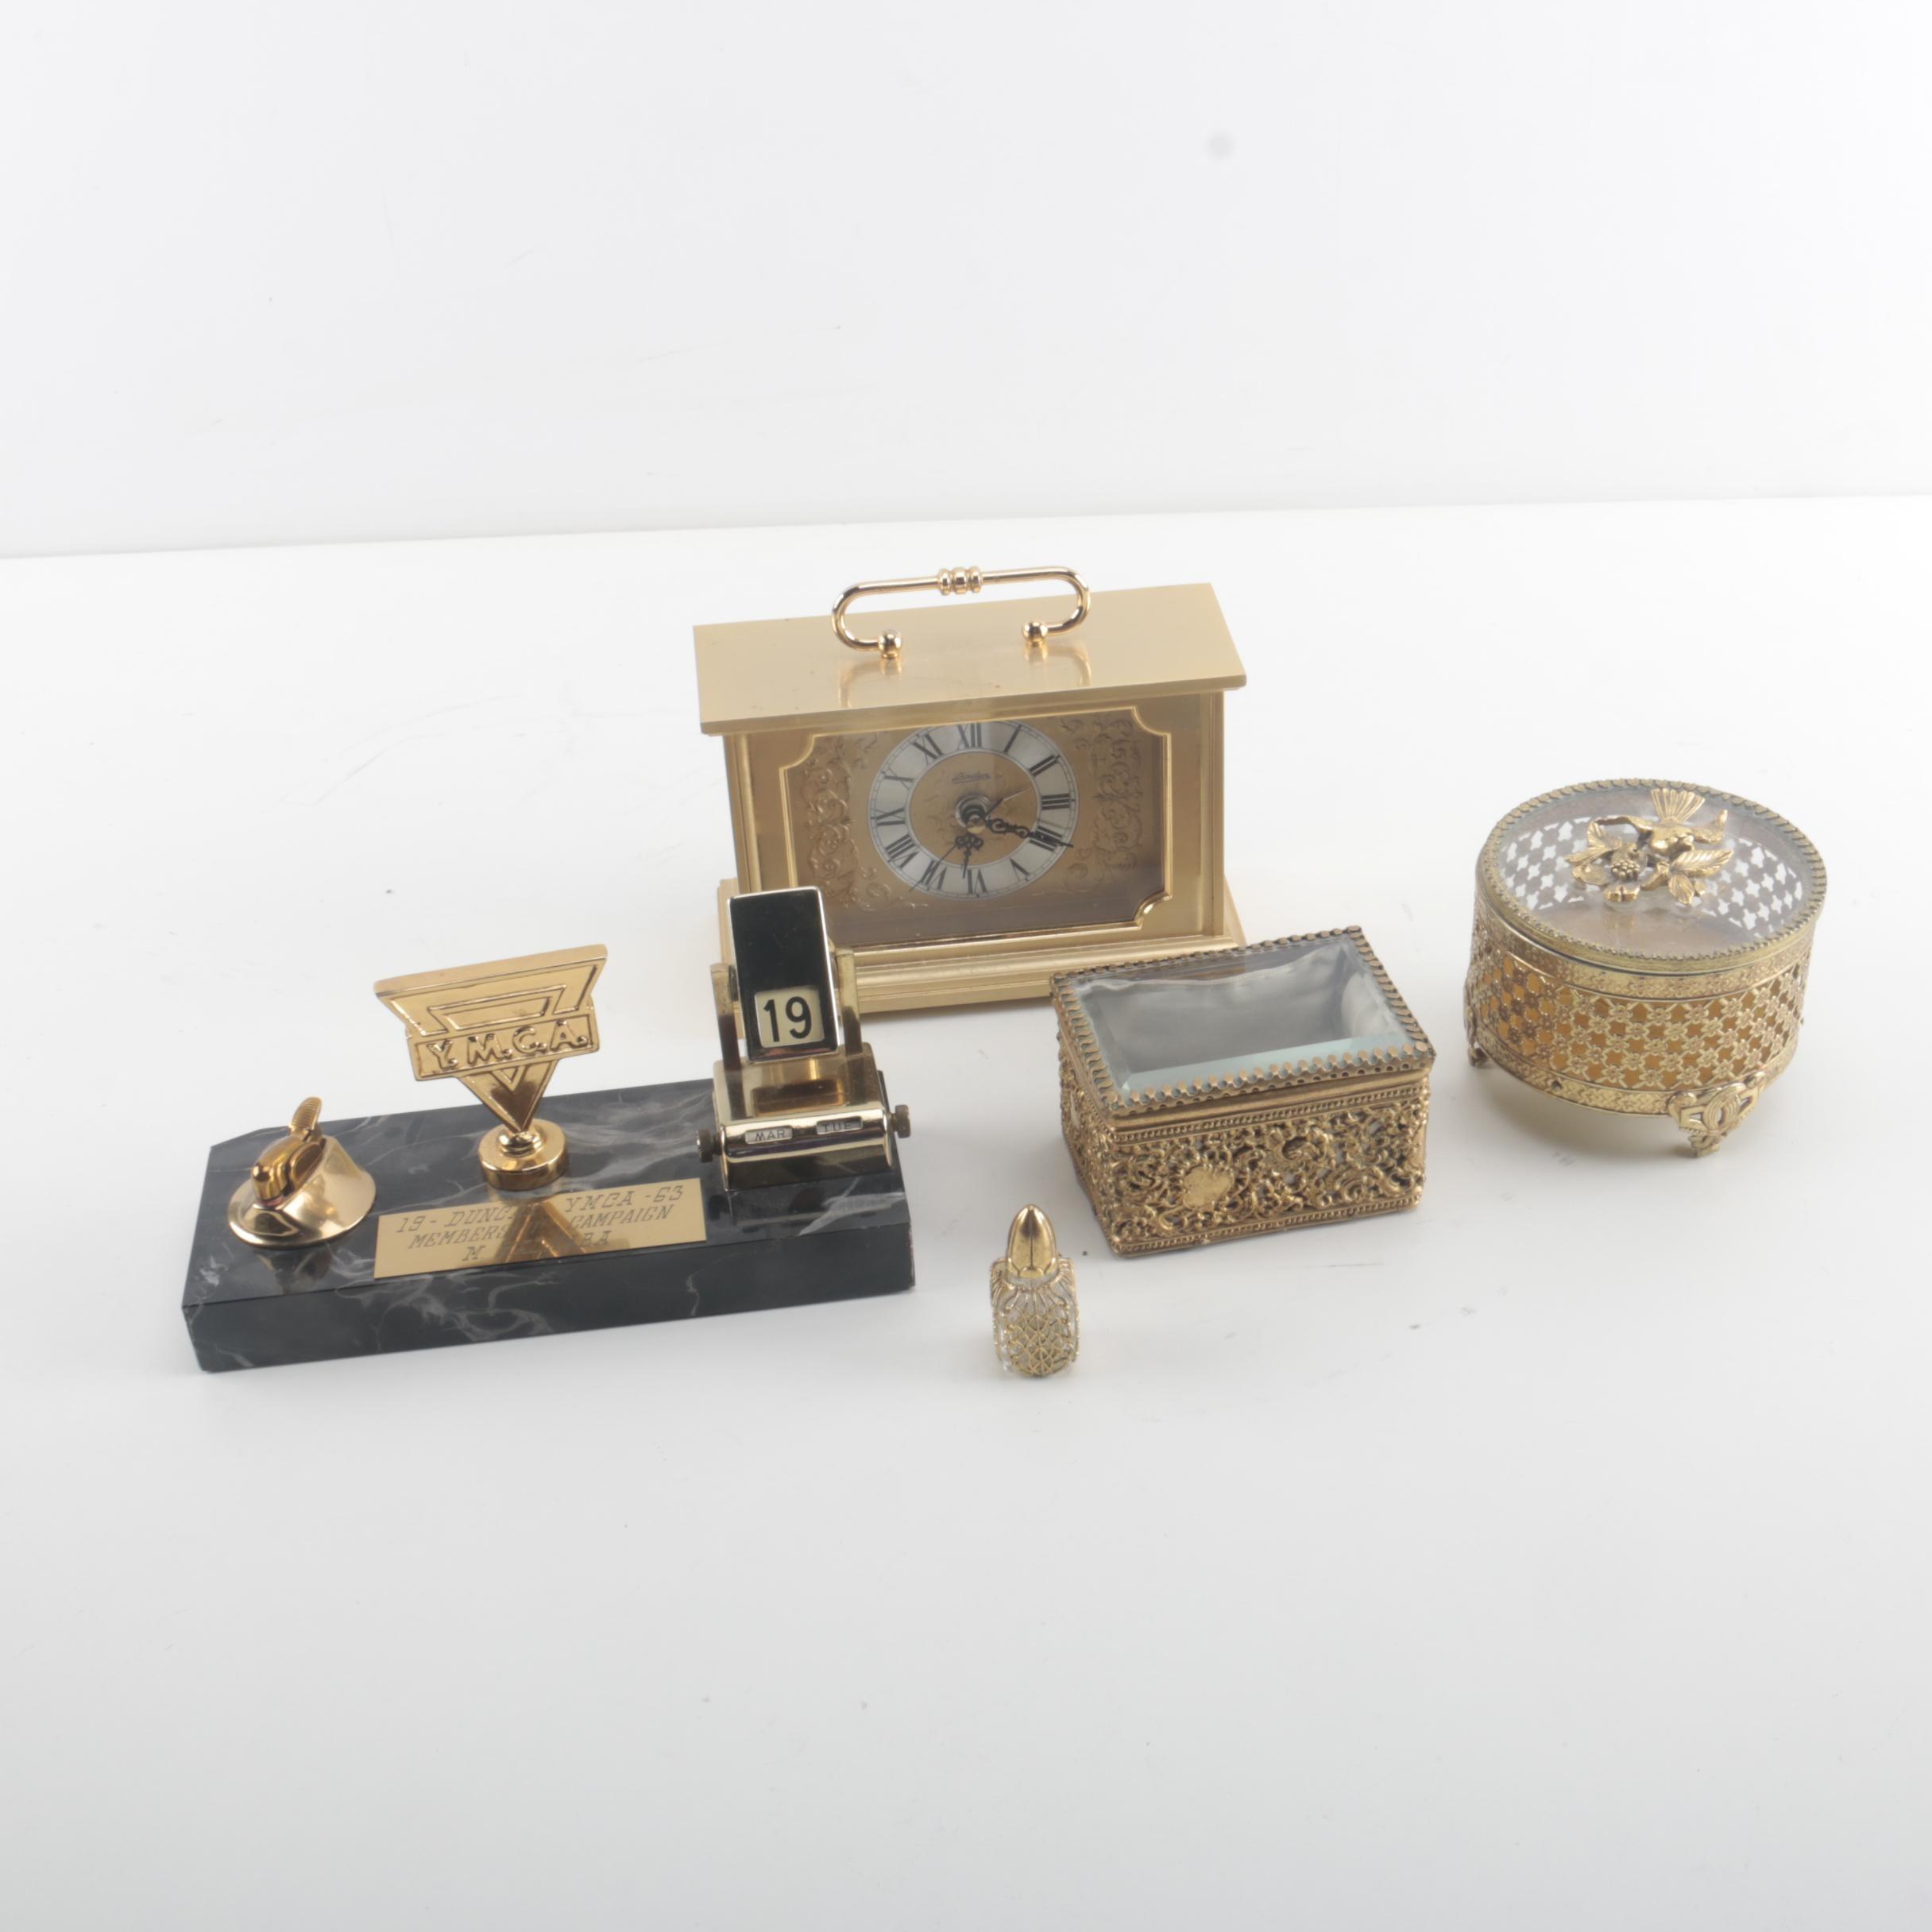 Assortment of Brass Decor Items